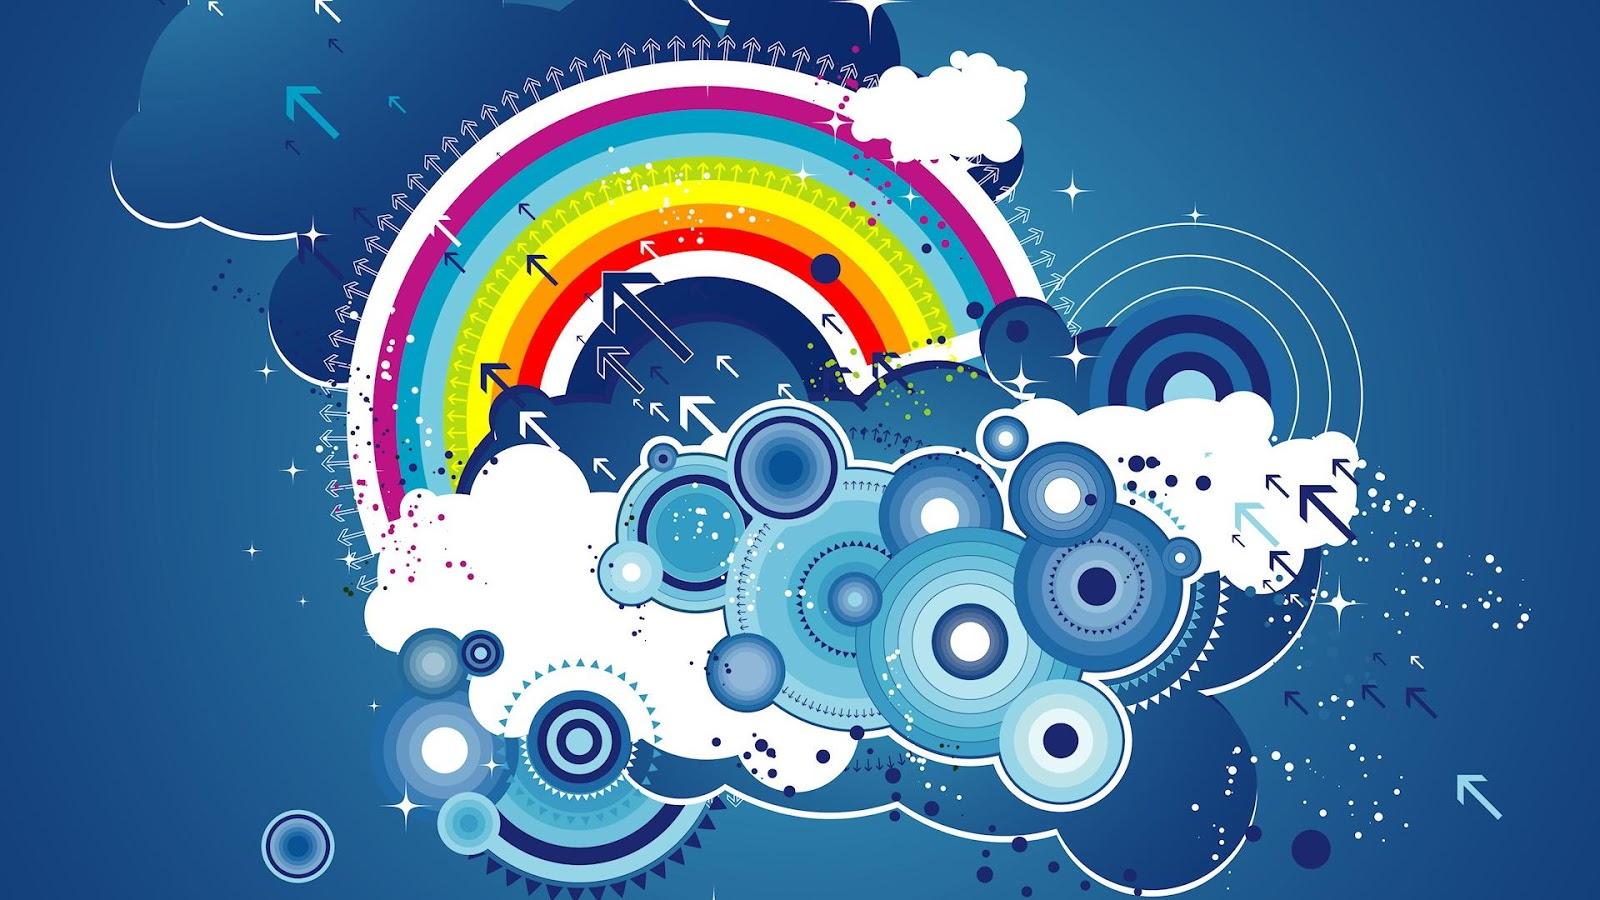 Wallpapers hd 40 fondos de pantalla de arcoiris for Fondo blanco wallpaper